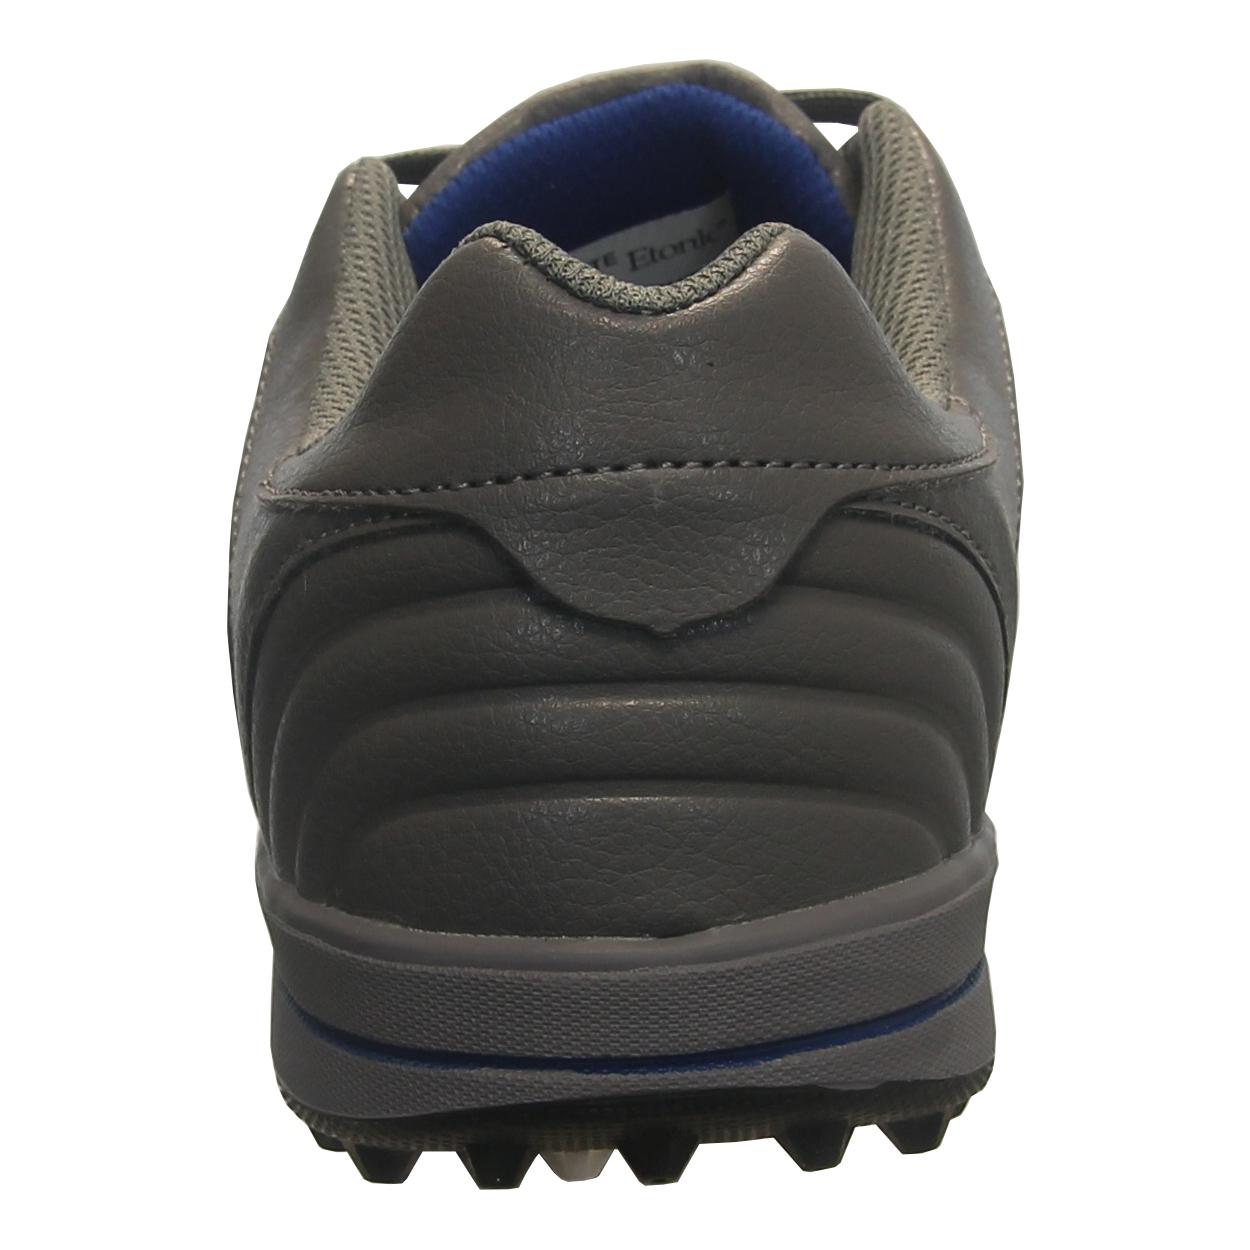 Etonic-Men-039-s-SP-Lite-Spikeless-Golf-Shoe-Brand-New thumbnail 12